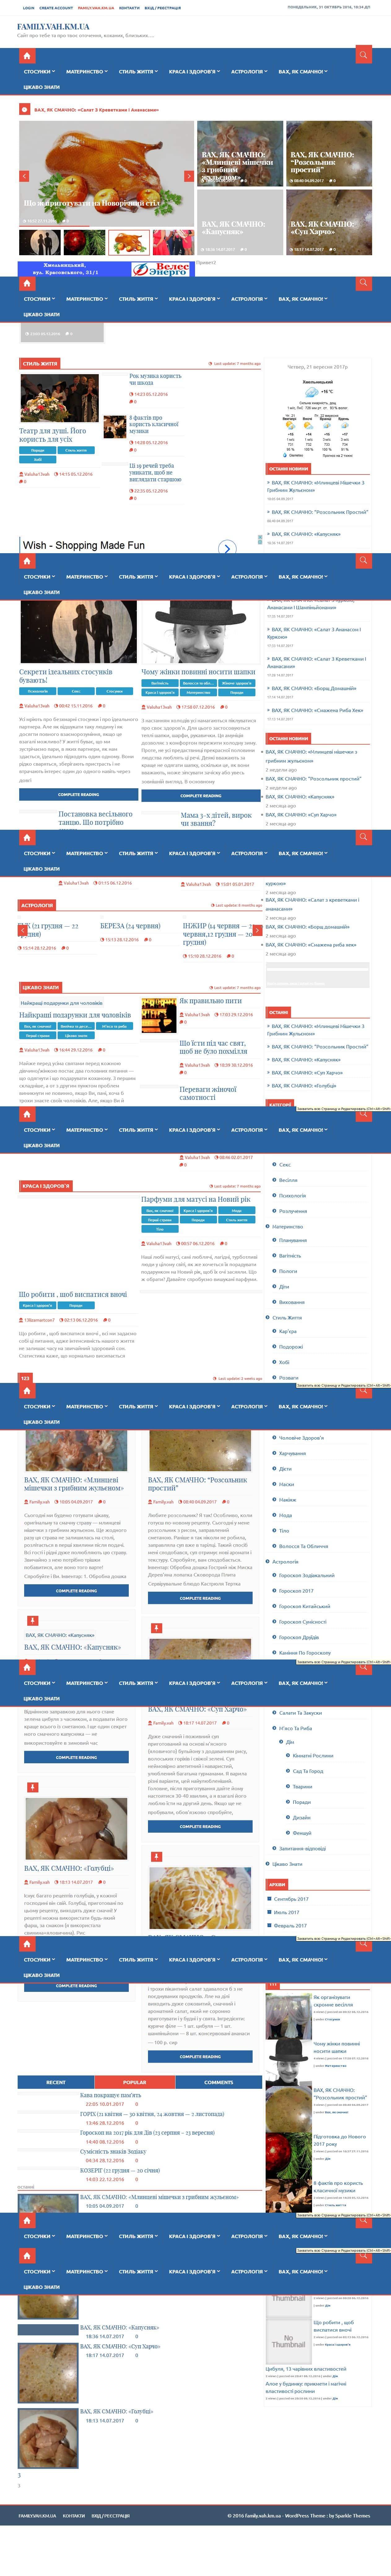 НиКК Хмельницкий. Создание разработка сайта, продвижение, раскрутка сайтов, контекстная реклама. Рекламное агентство интернет маркетинг. Заказать сайт в Хмельницком, seo оптимизация, seo продвижение, создание интернет магазина, реклама в интернете.